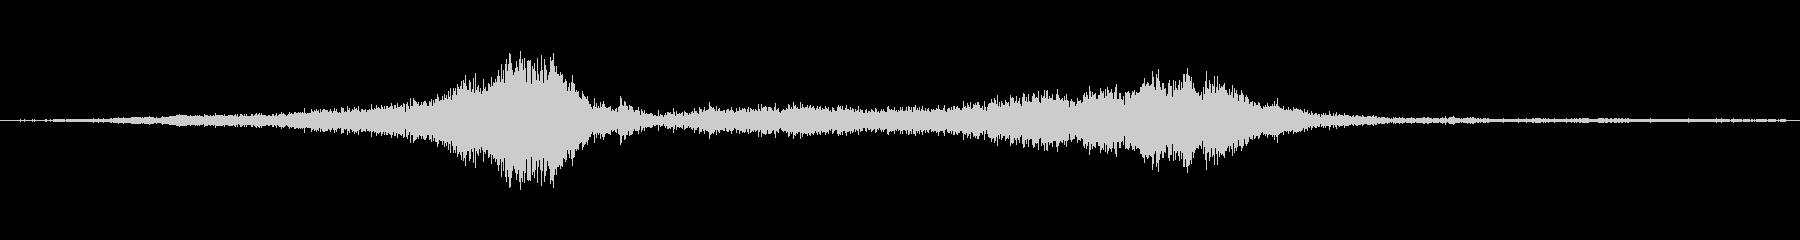 1978シェビーヴァン:速く走り、...の未再生の波形